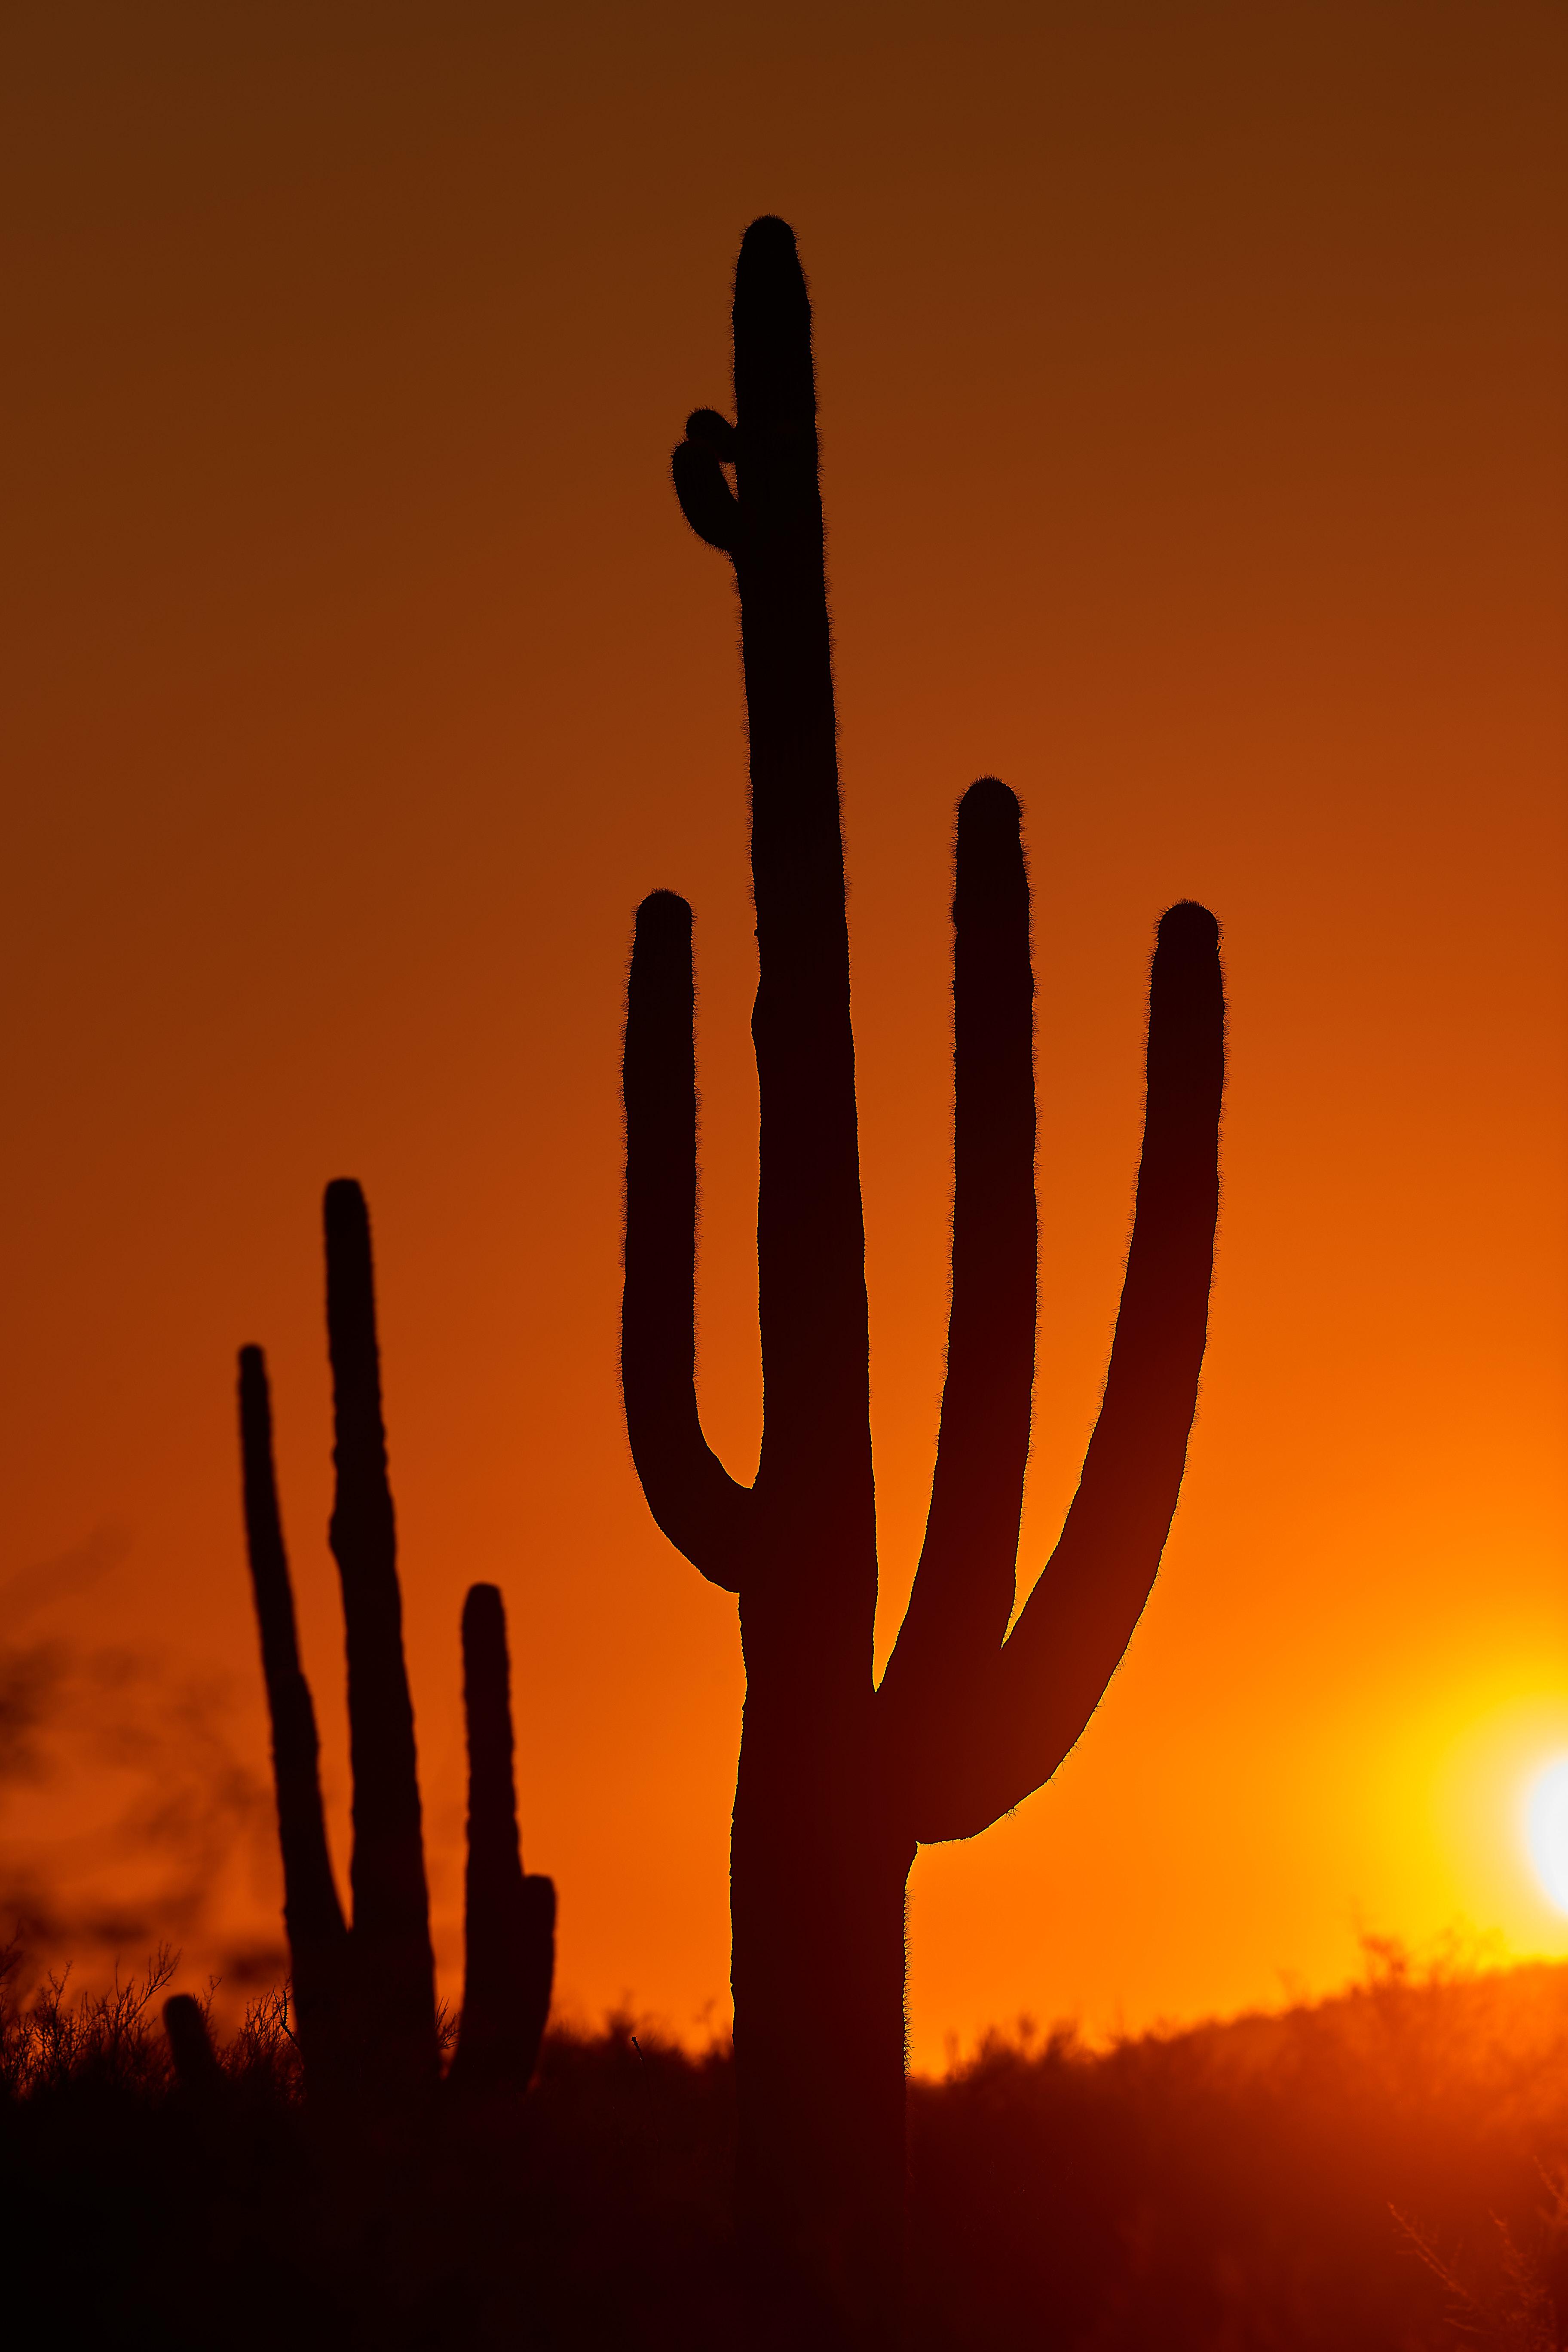 113712 Заставки и Обои Кактусы на телефон. Скачать Природа, Кактусы, Закат, Темный, Сумерки картинки бесплатно